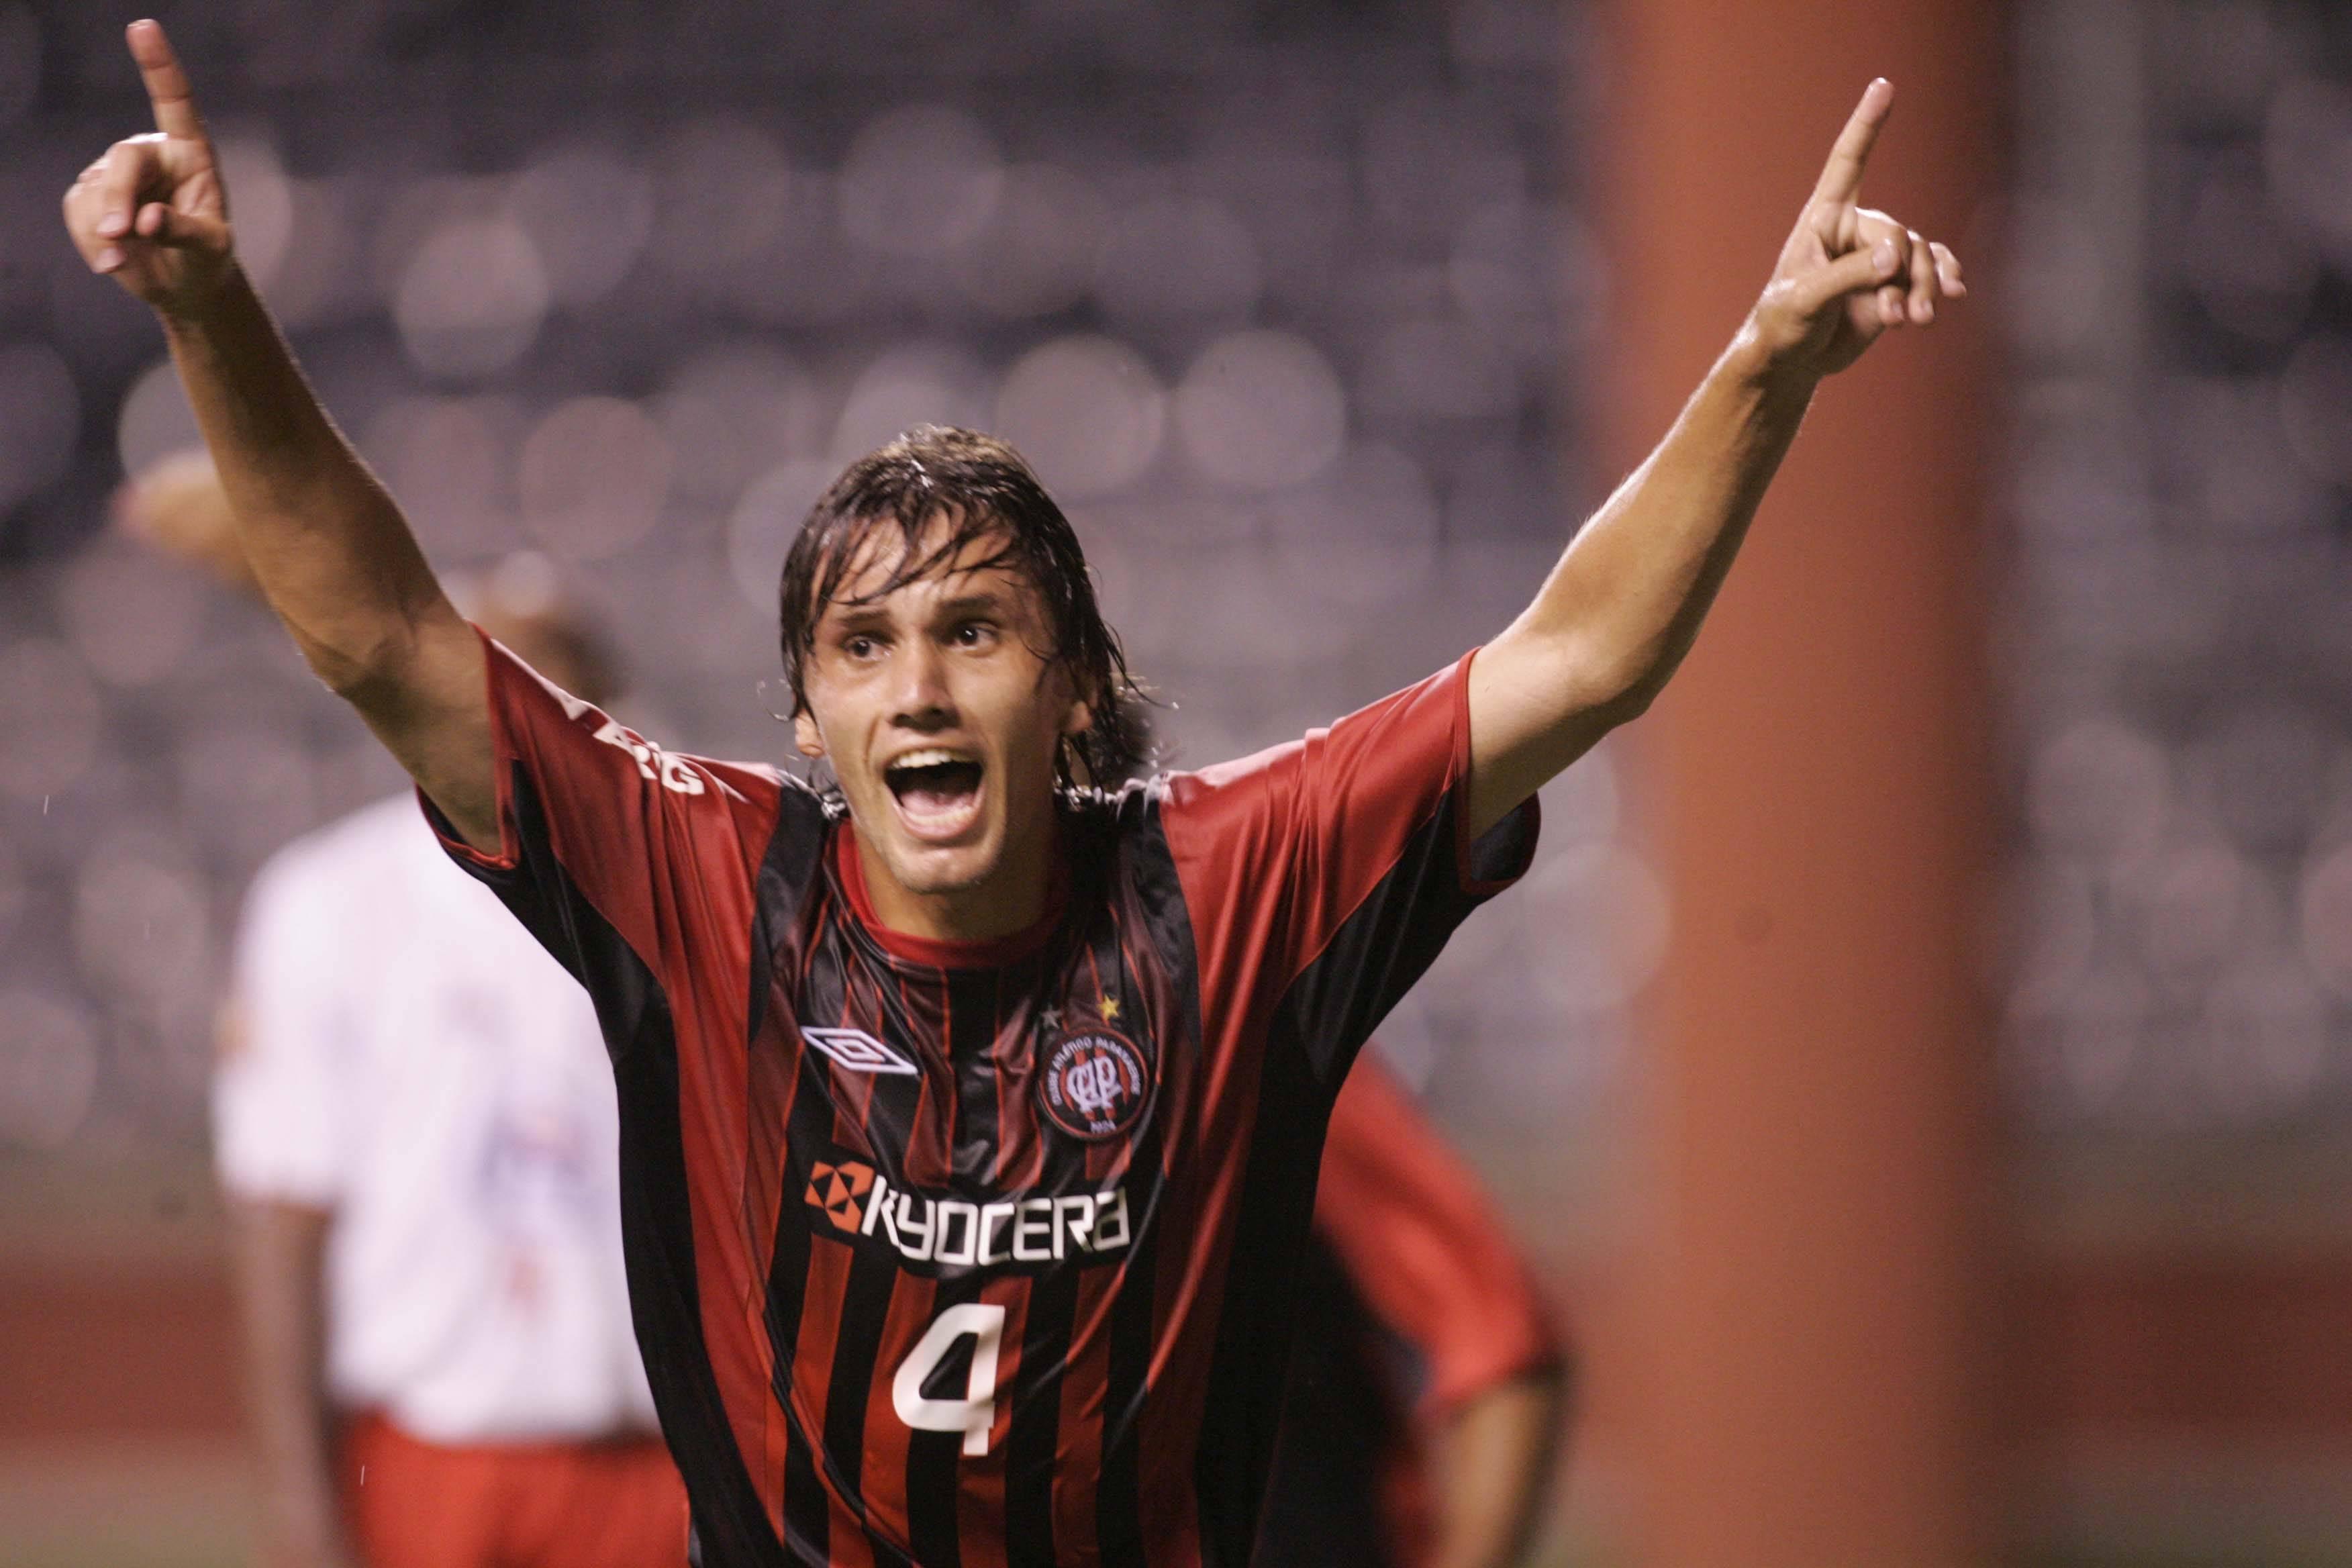 Paulo André em sua primeira passagem pelo clube, em 2005.